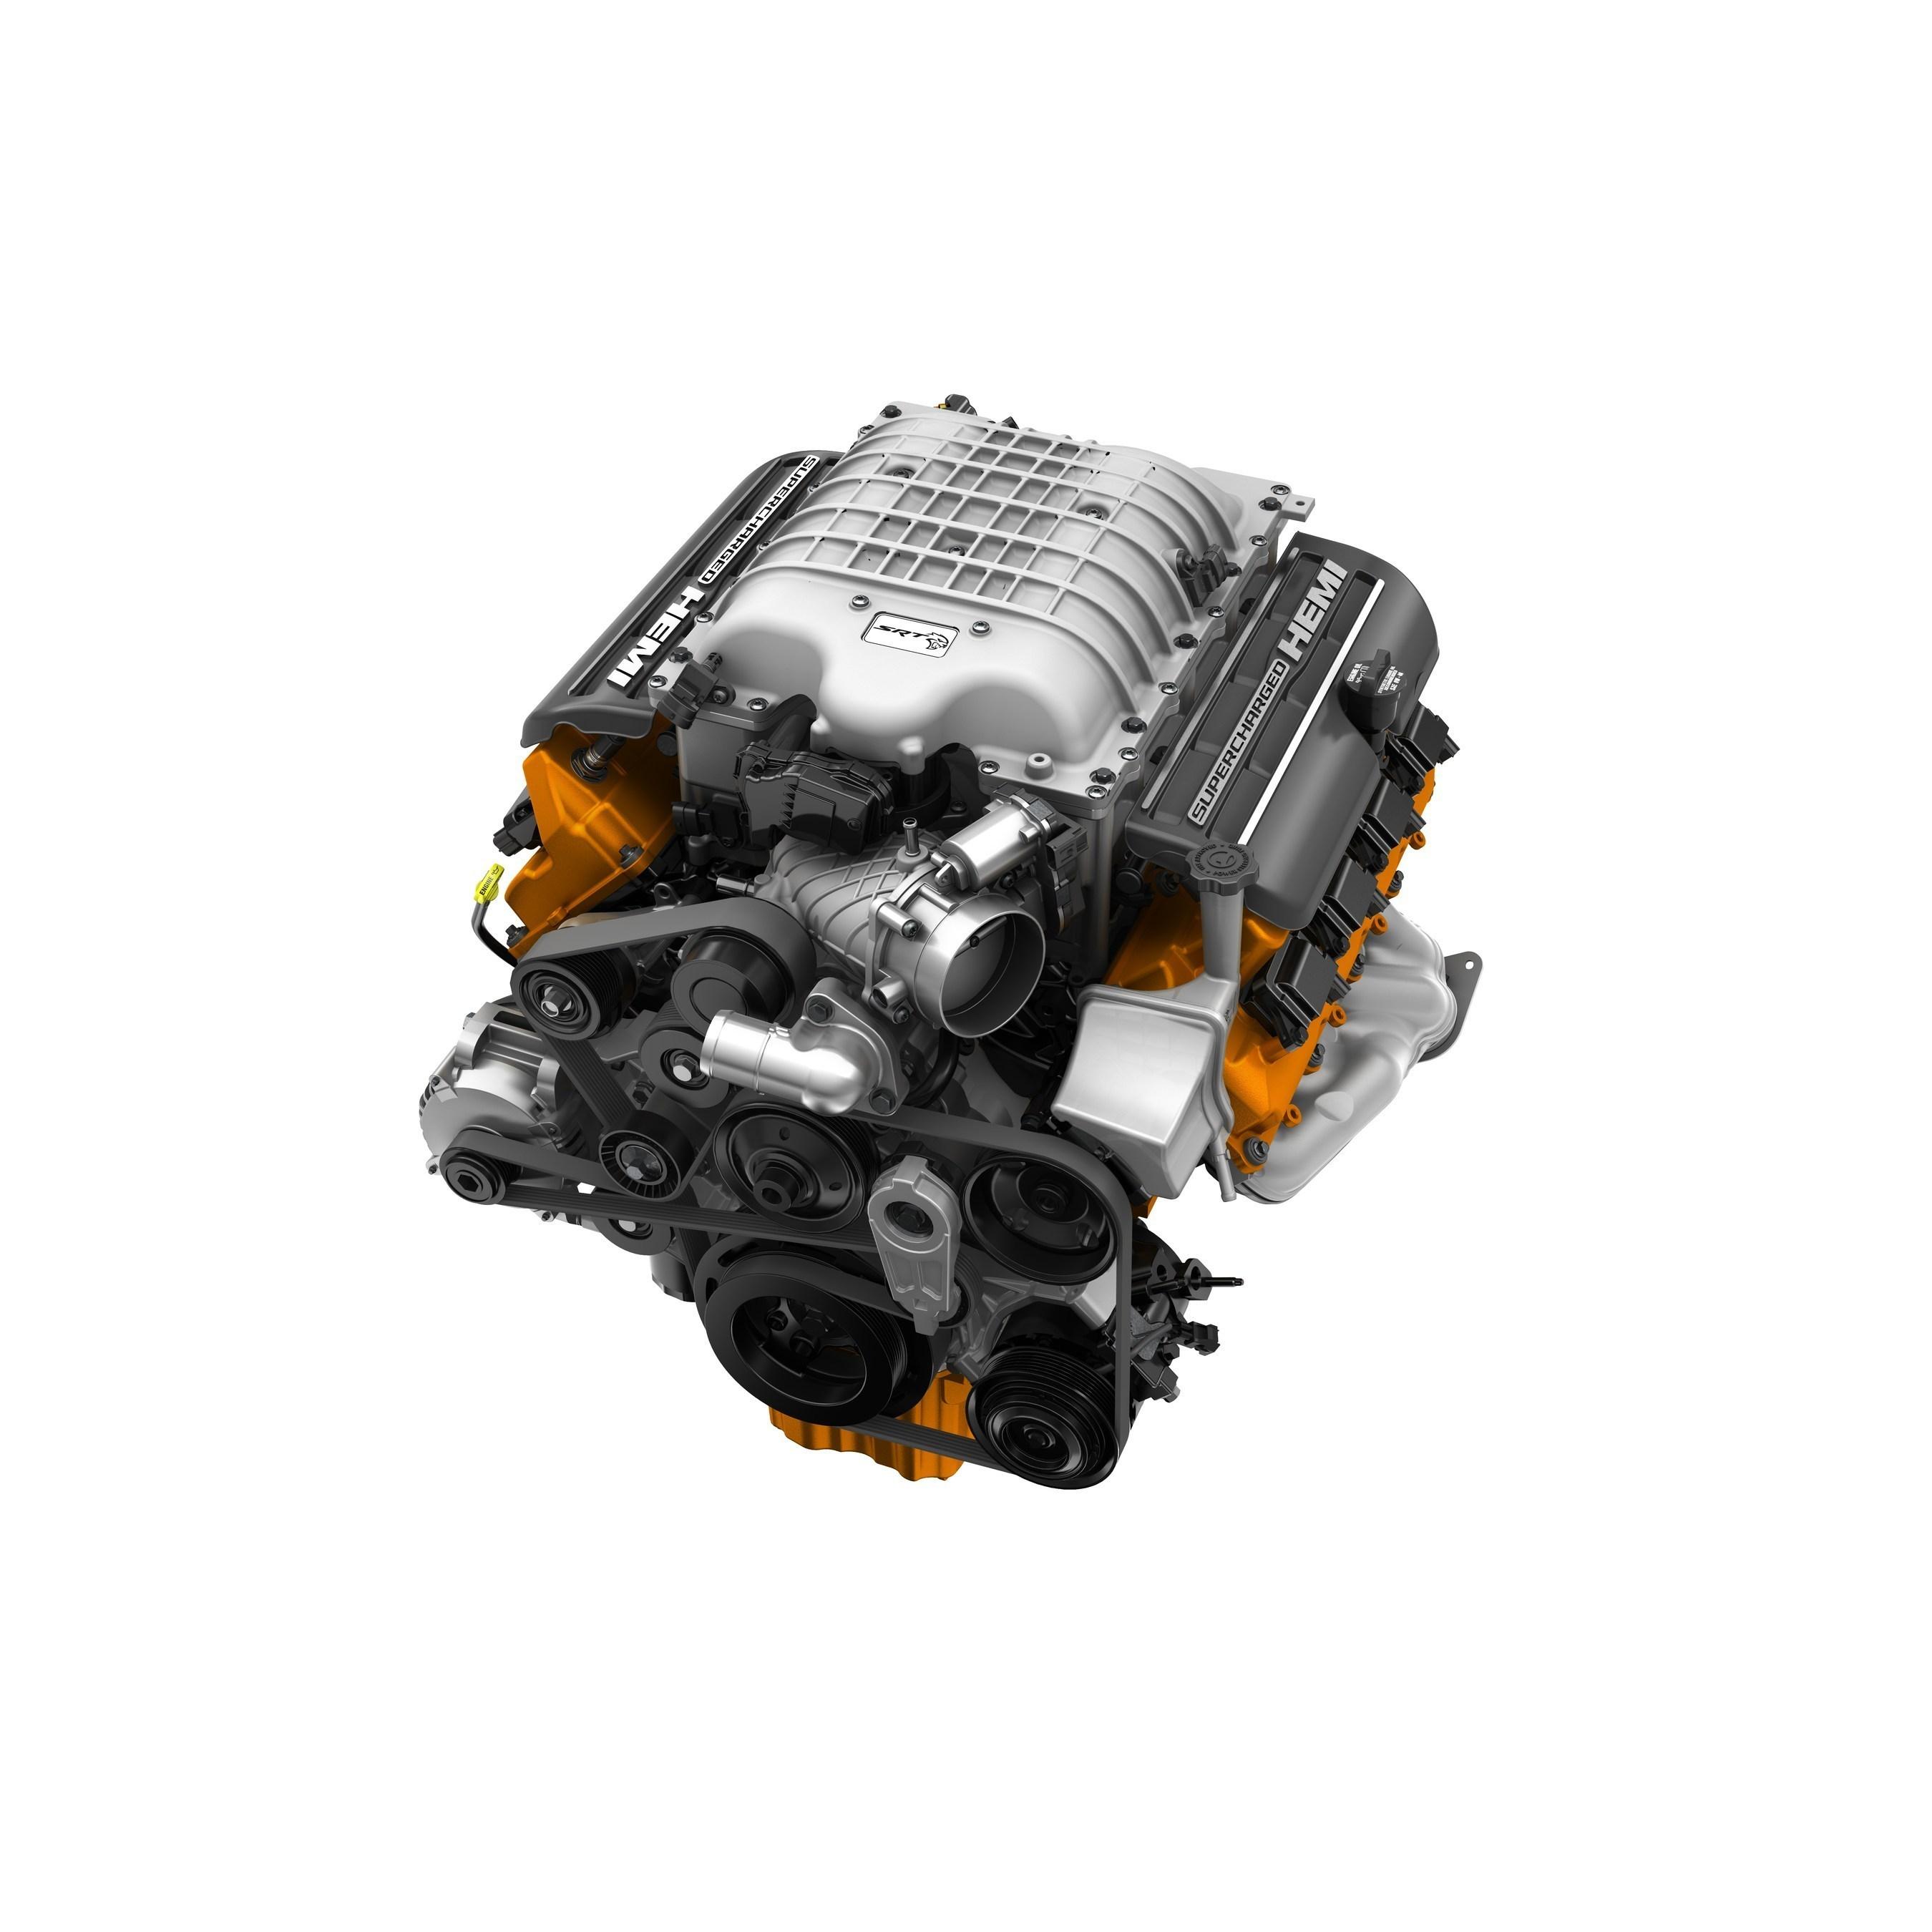 3 0 L Engine: Chrysler Group's 3.0-liter EcoDiesel V-6, 6.2-liter HEMI